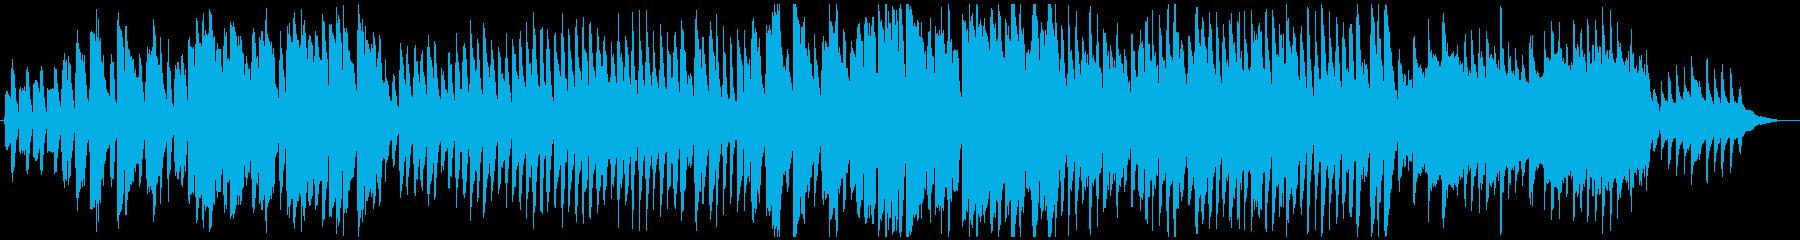 悲しい「はとぽっぽ」アレンジ 童謡・民謡の再生済みの波形